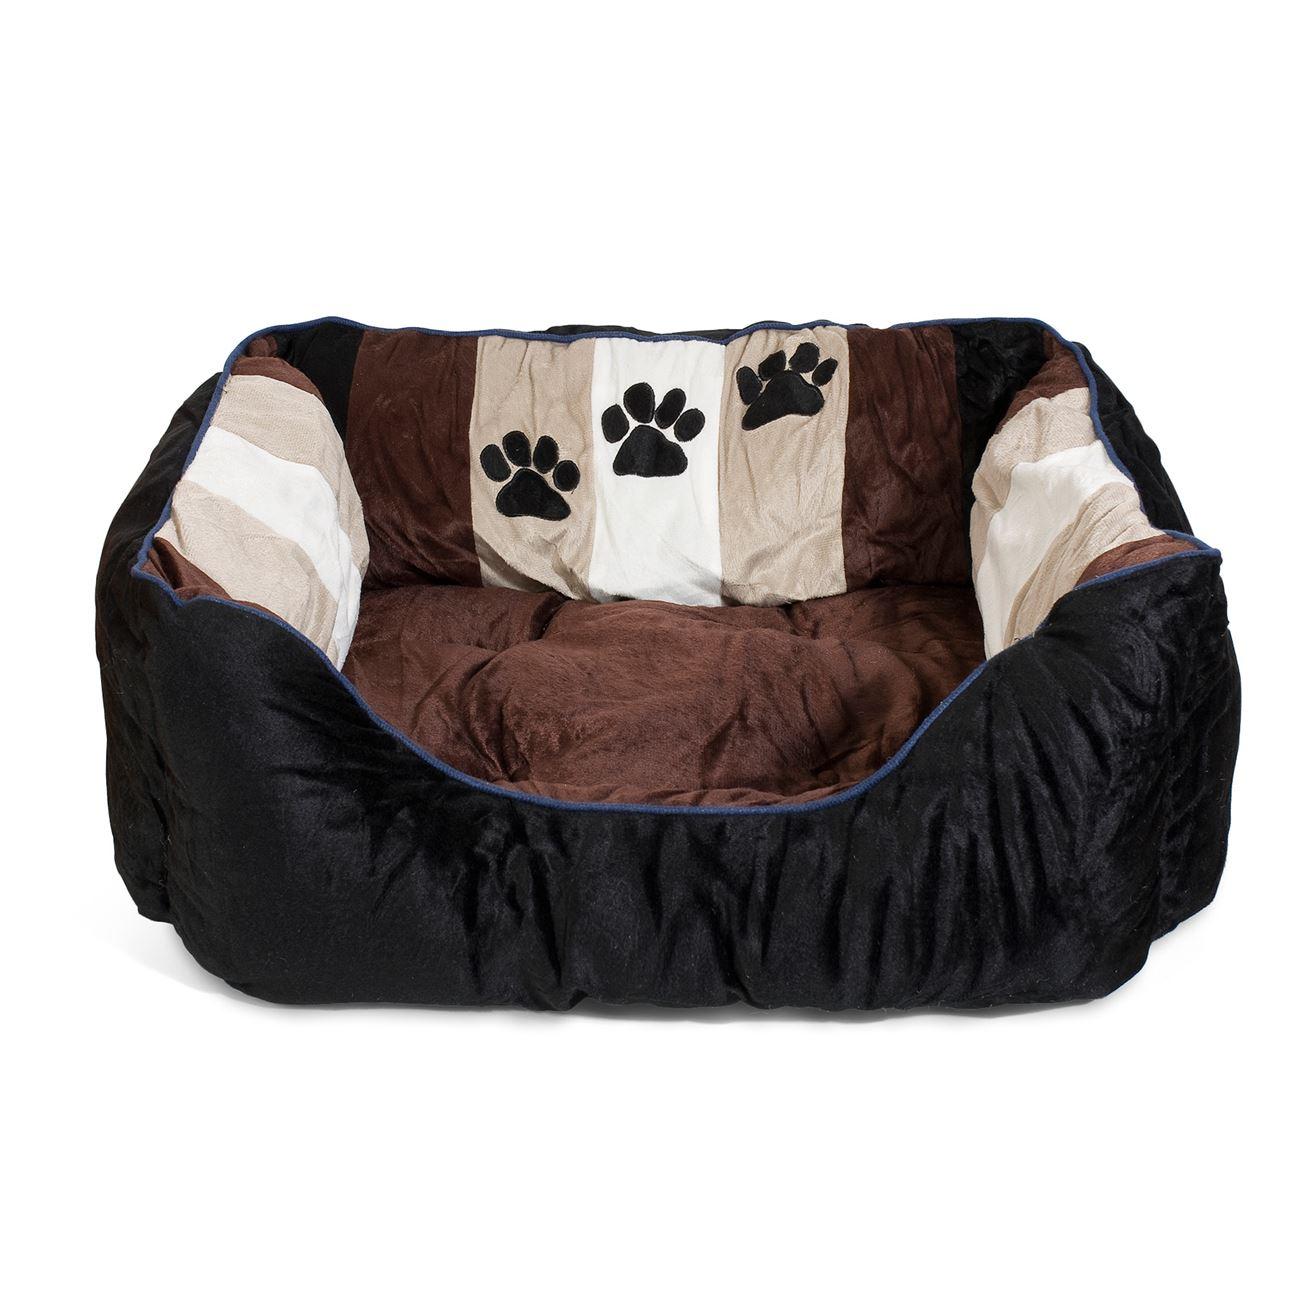 060237106cb4 Κρεβατάκι Σκύλου Καναπές 65x60x20   Κρεβάτια Σκύλου